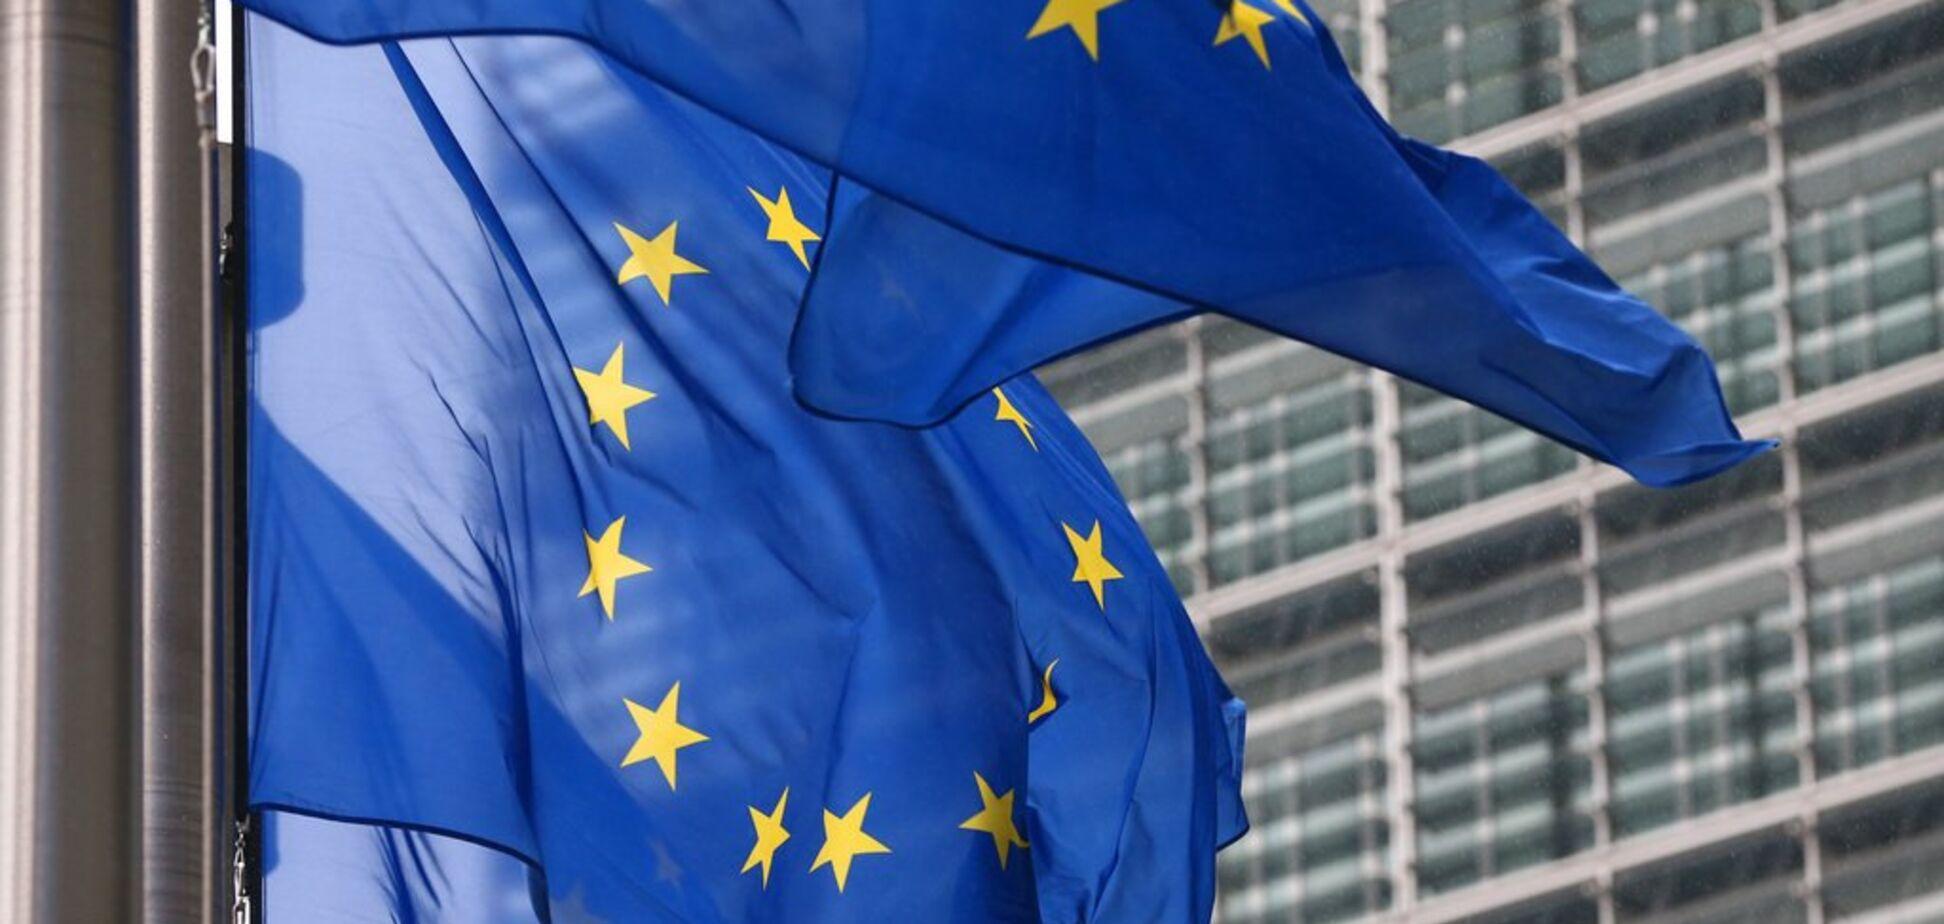 Евросоюз ввел новые санкции: кто попал под удар